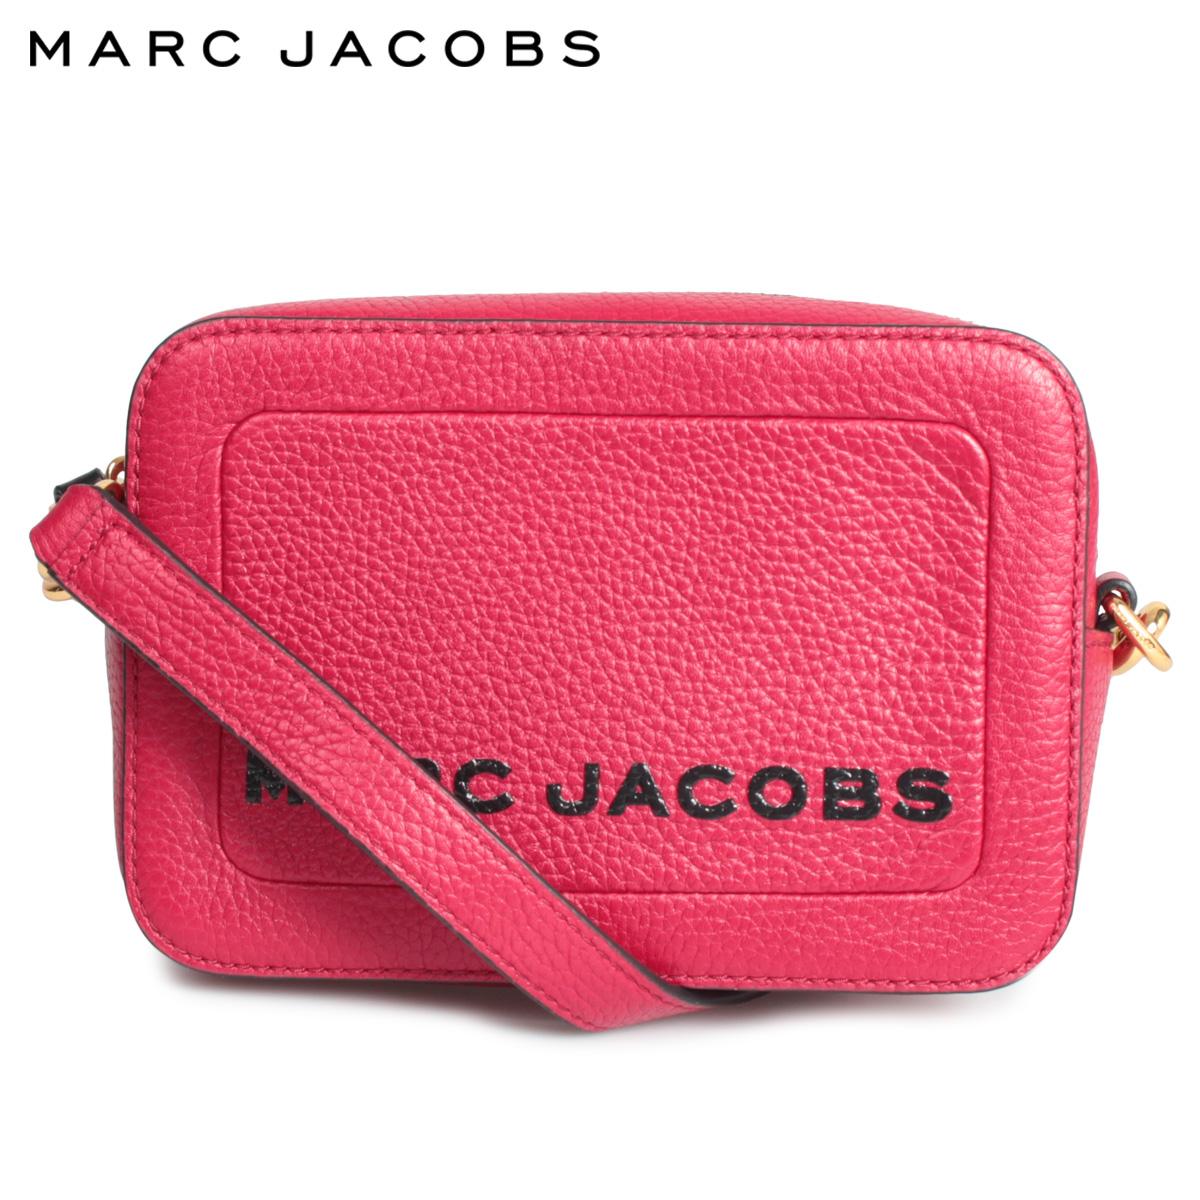 MARC JACOBS マークジェイコブス バッグ ショルダーバッグ レディース THE BOX CROSSBODY ピンク M0015765